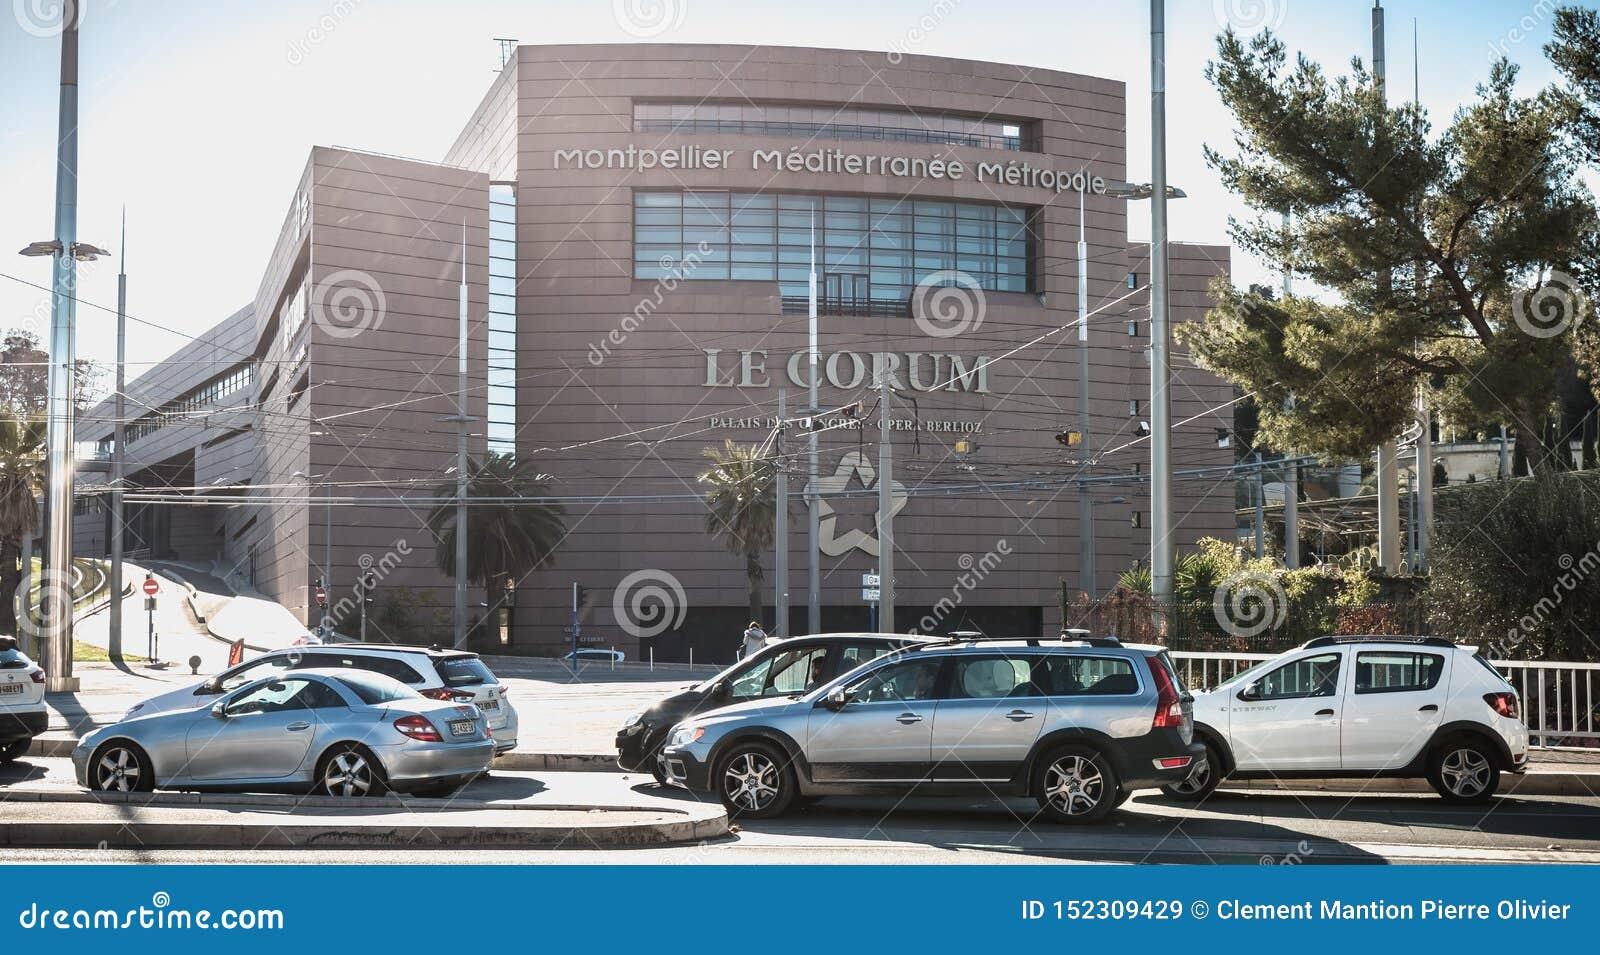 乔鲁姆的建筑细节,会议中心和歌剧柏辽兹在蒙彼利埃,法国